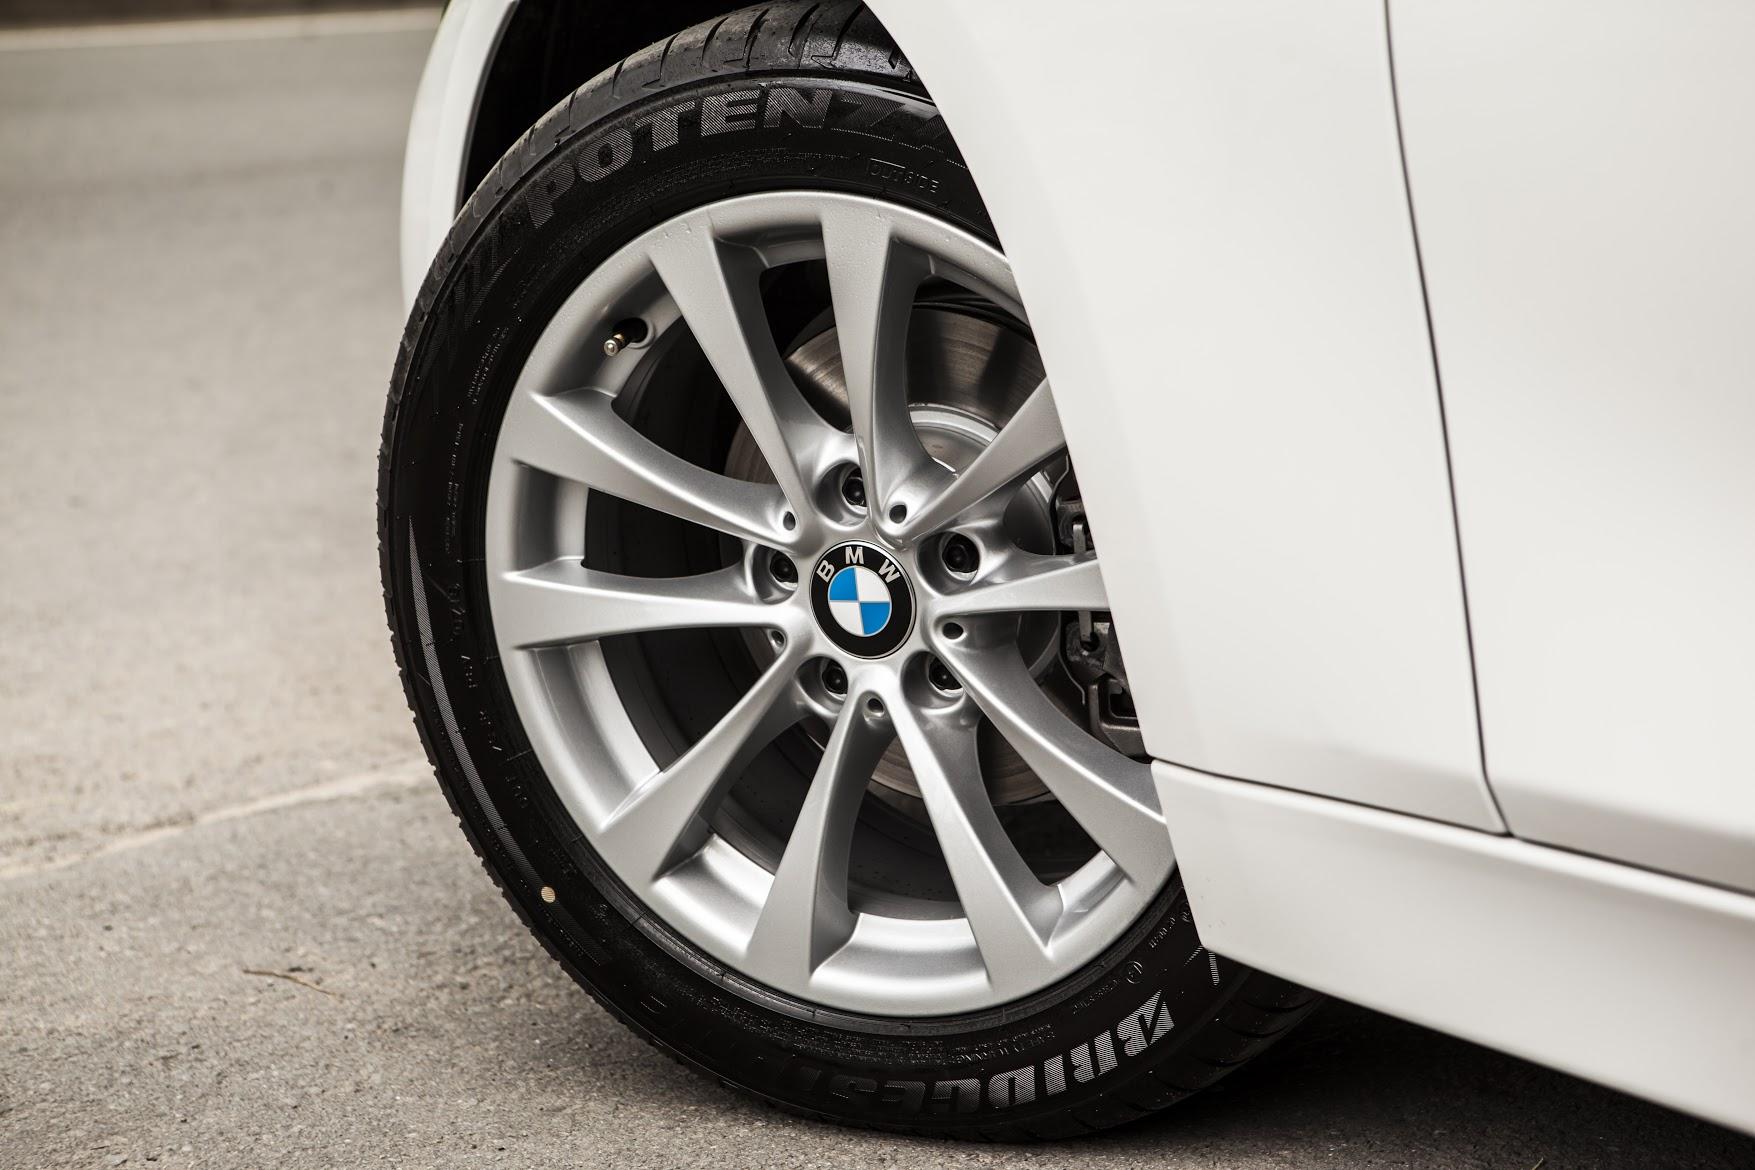 BMW 320i phiên bản 100 năm cho khách hàng Việt được trang bị vành 10 chấu với kích thước 17 và lốp run-flat của Bridgestone.